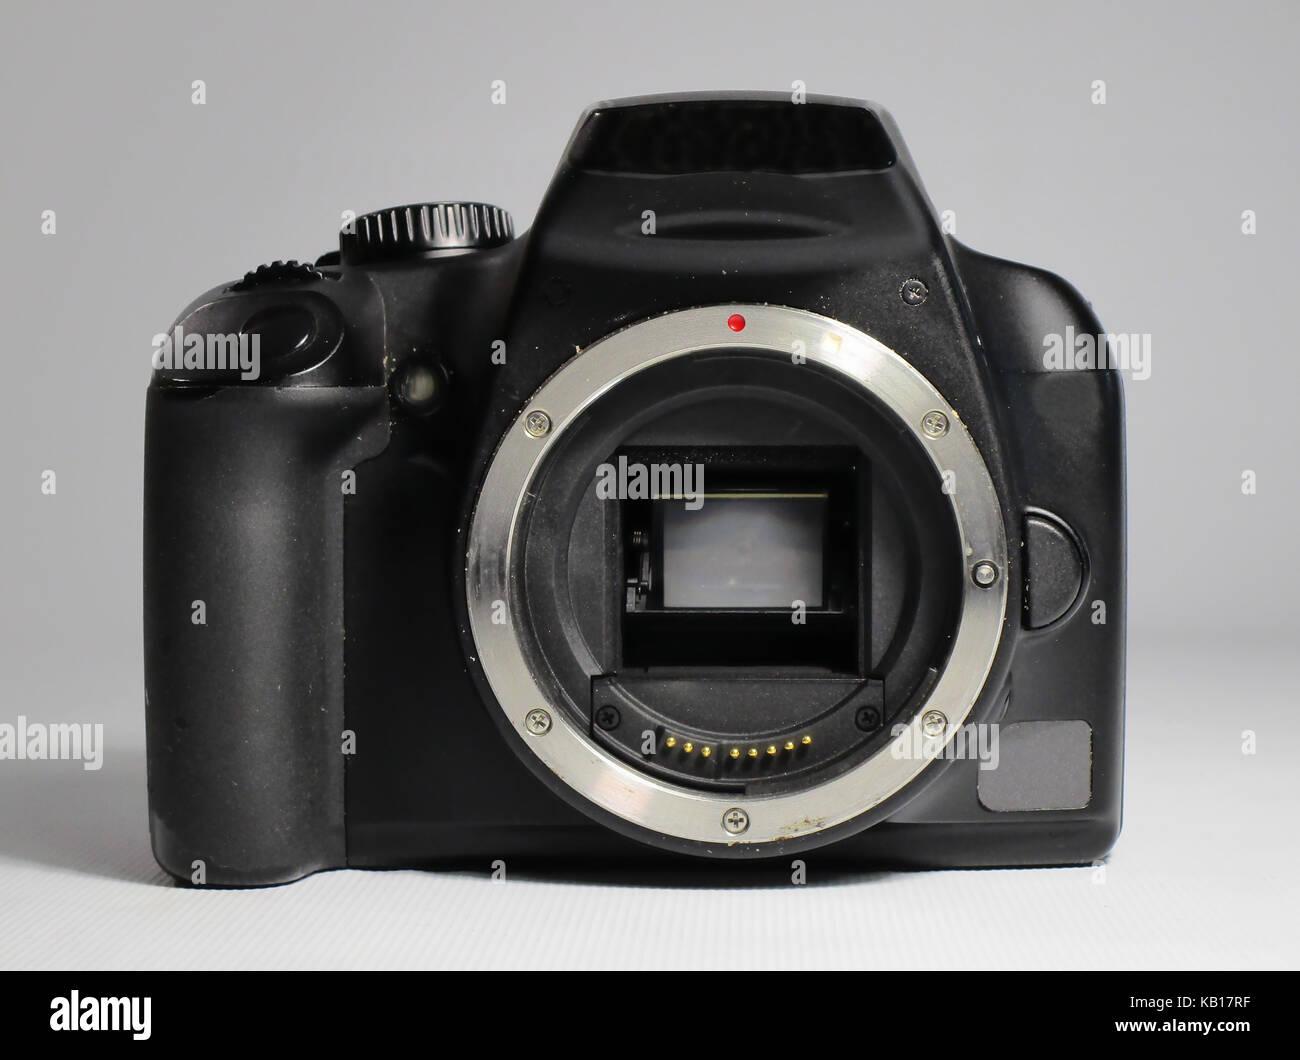 Fotocamera reflex digitale solo corpo Immagini Stock